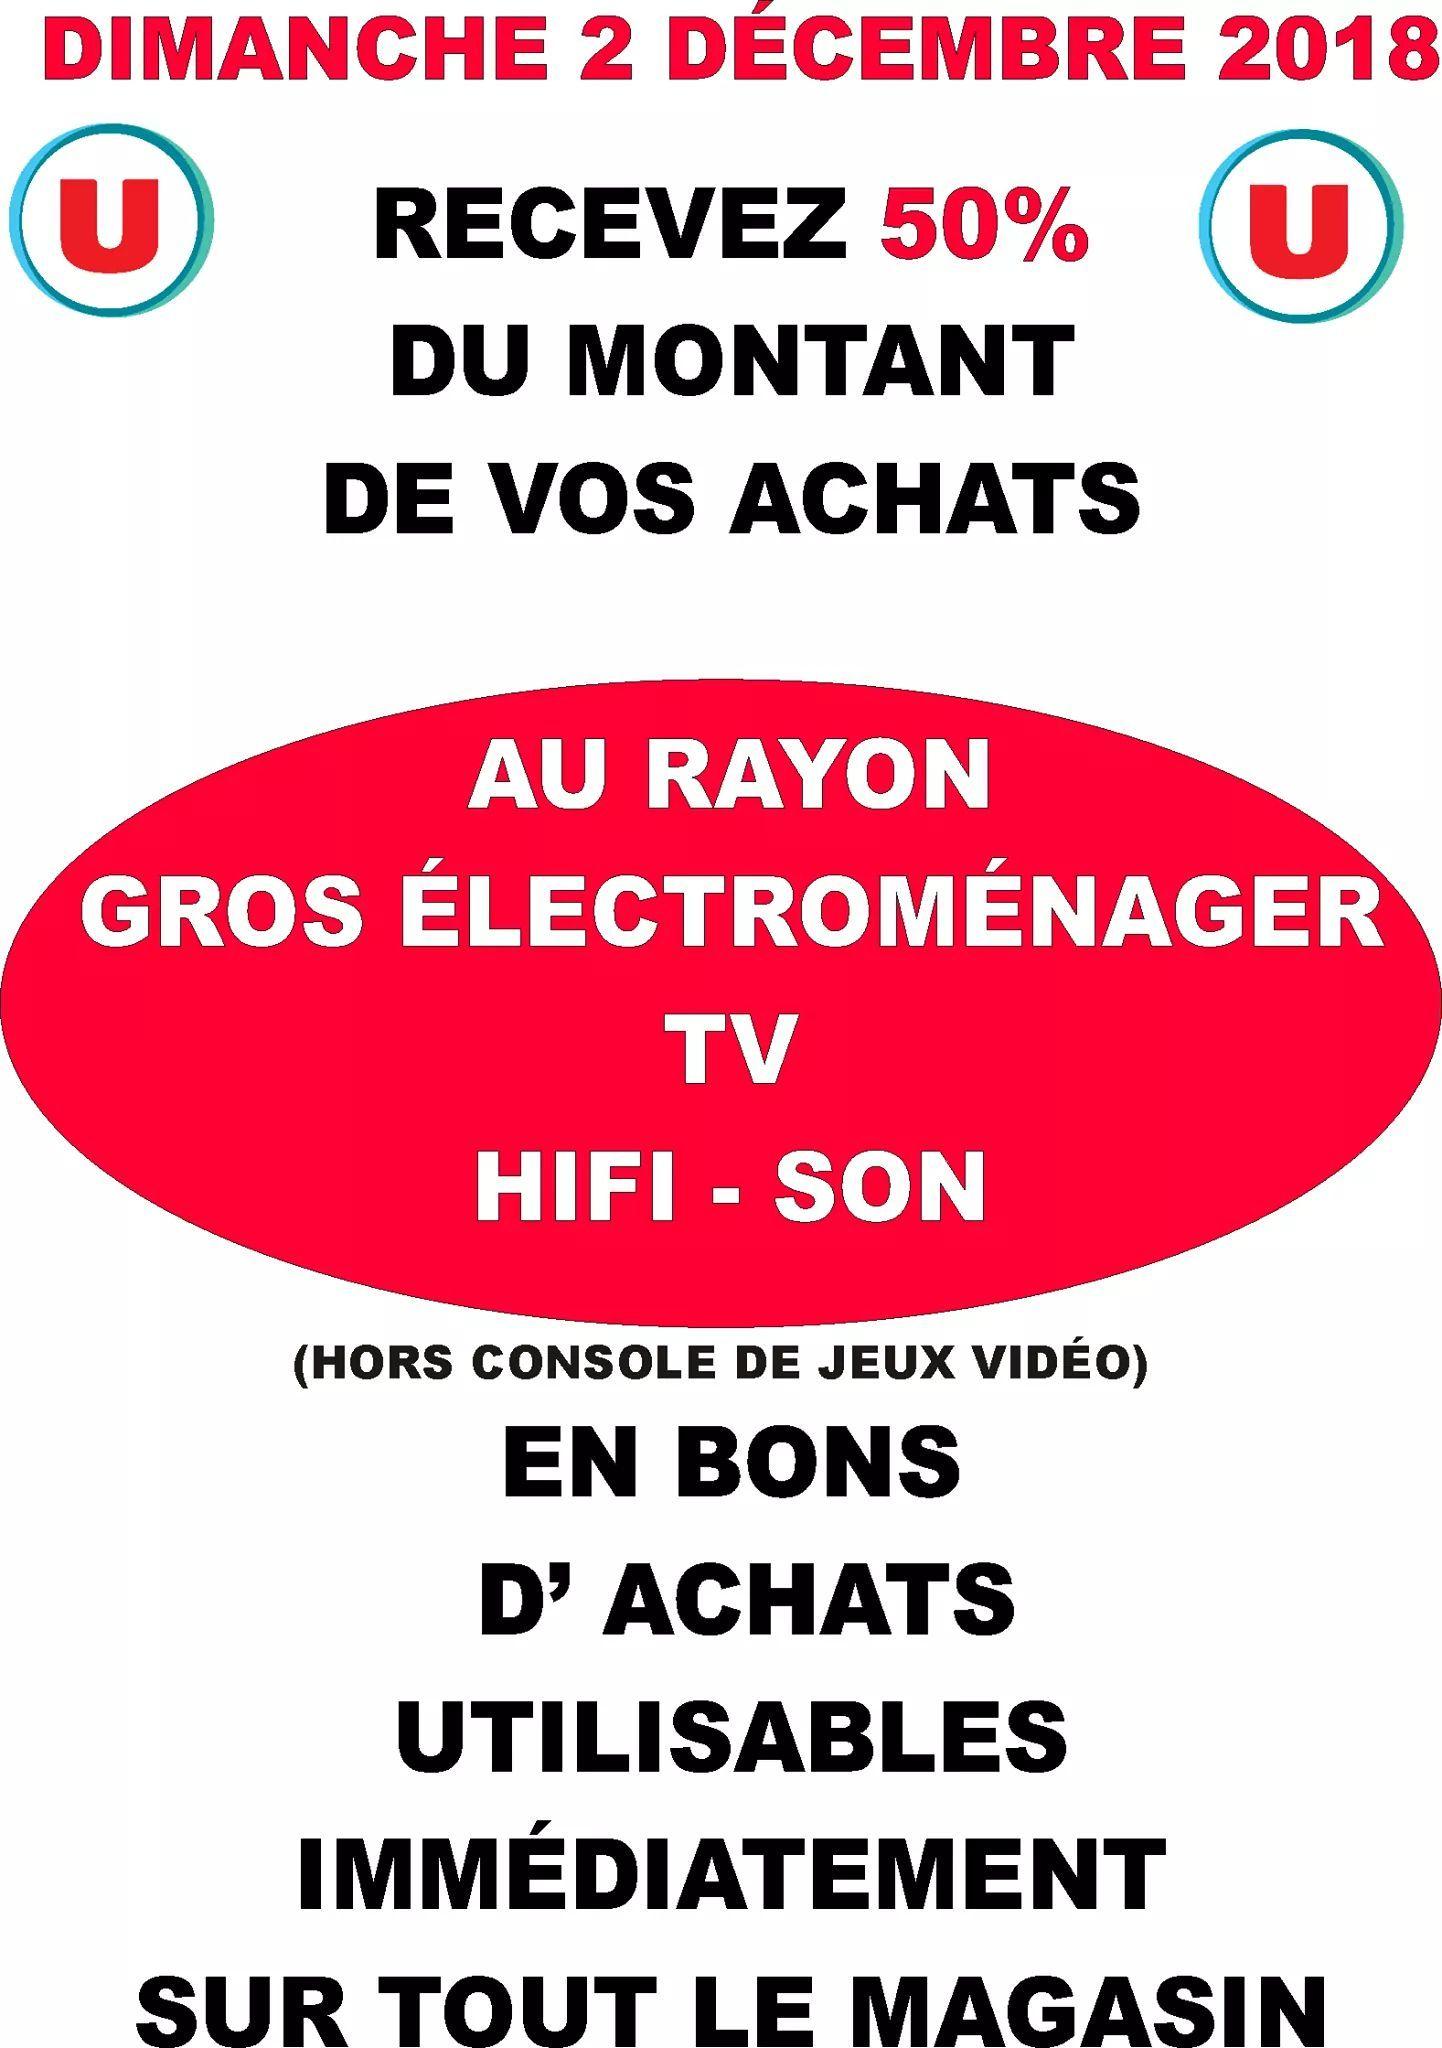 50% remboursés en bons d'achat sur les rayons Gros Électroménager, Hi-Fi Son et TV - Brie comte Robert (77)